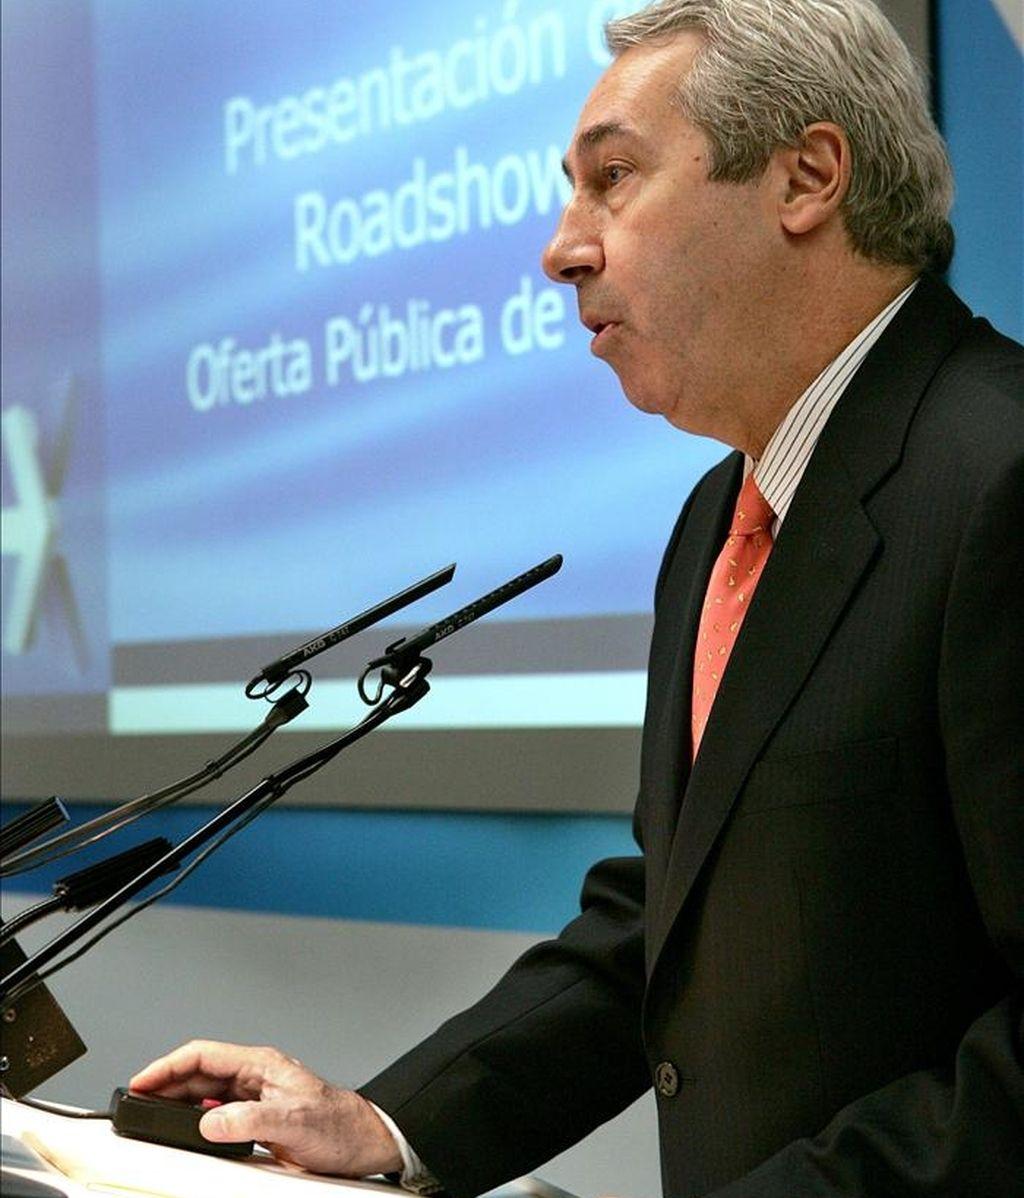 """El presidente del """"holding"""" BME, que agrupa las bolsas de Madrid, Barcelona, Bilbao y Valencia, Antonio Zoido. EFE/Archivo"""